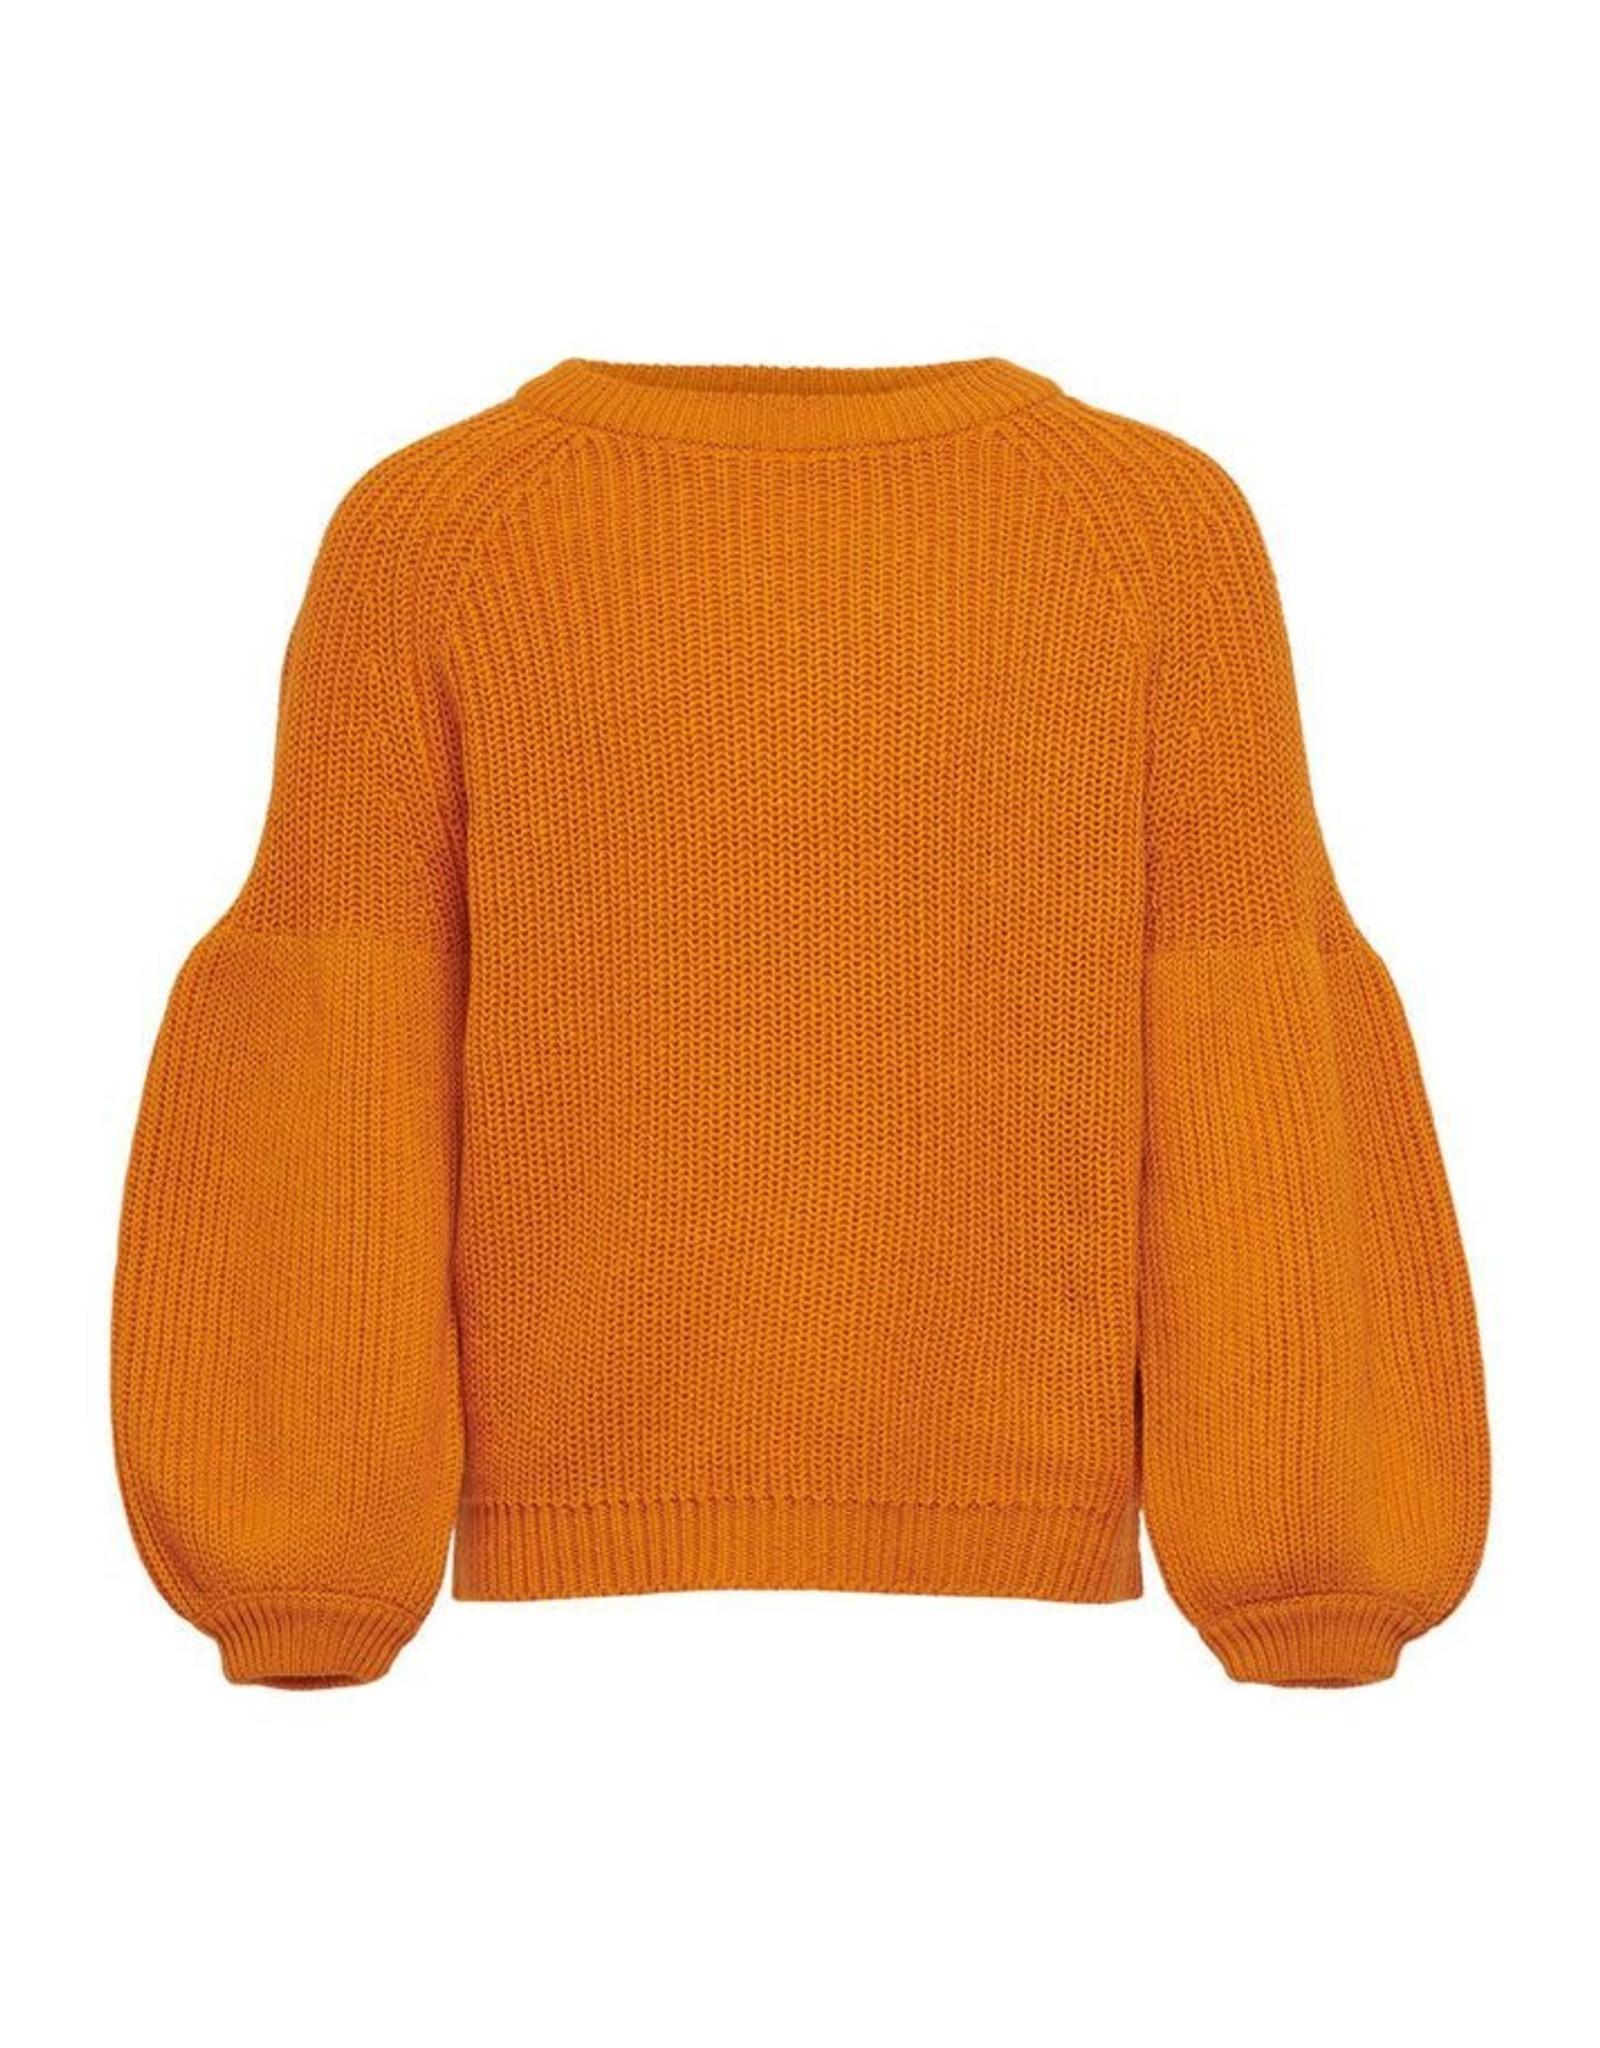 KIDS ONLY Oker oranje trui met vlindermouwen